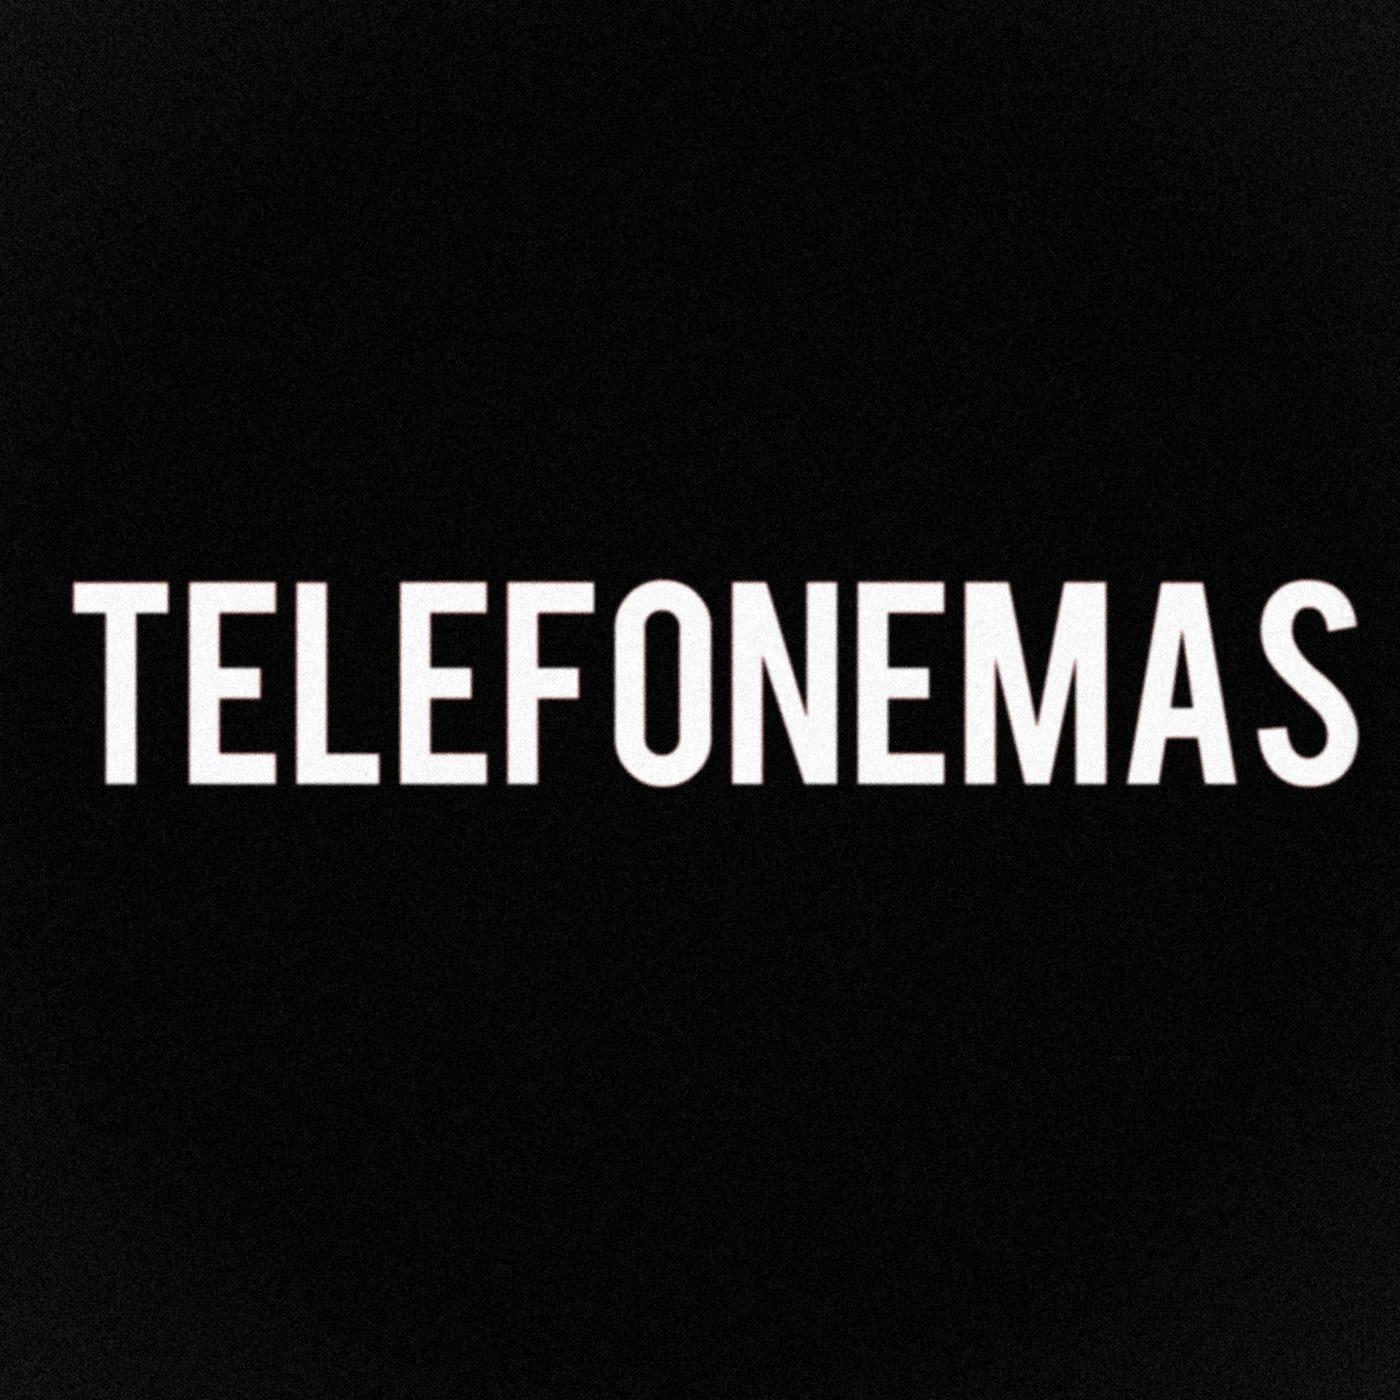 Telefonemas: uma conversa sobre jornalismo e HQs com Vinicius Felix